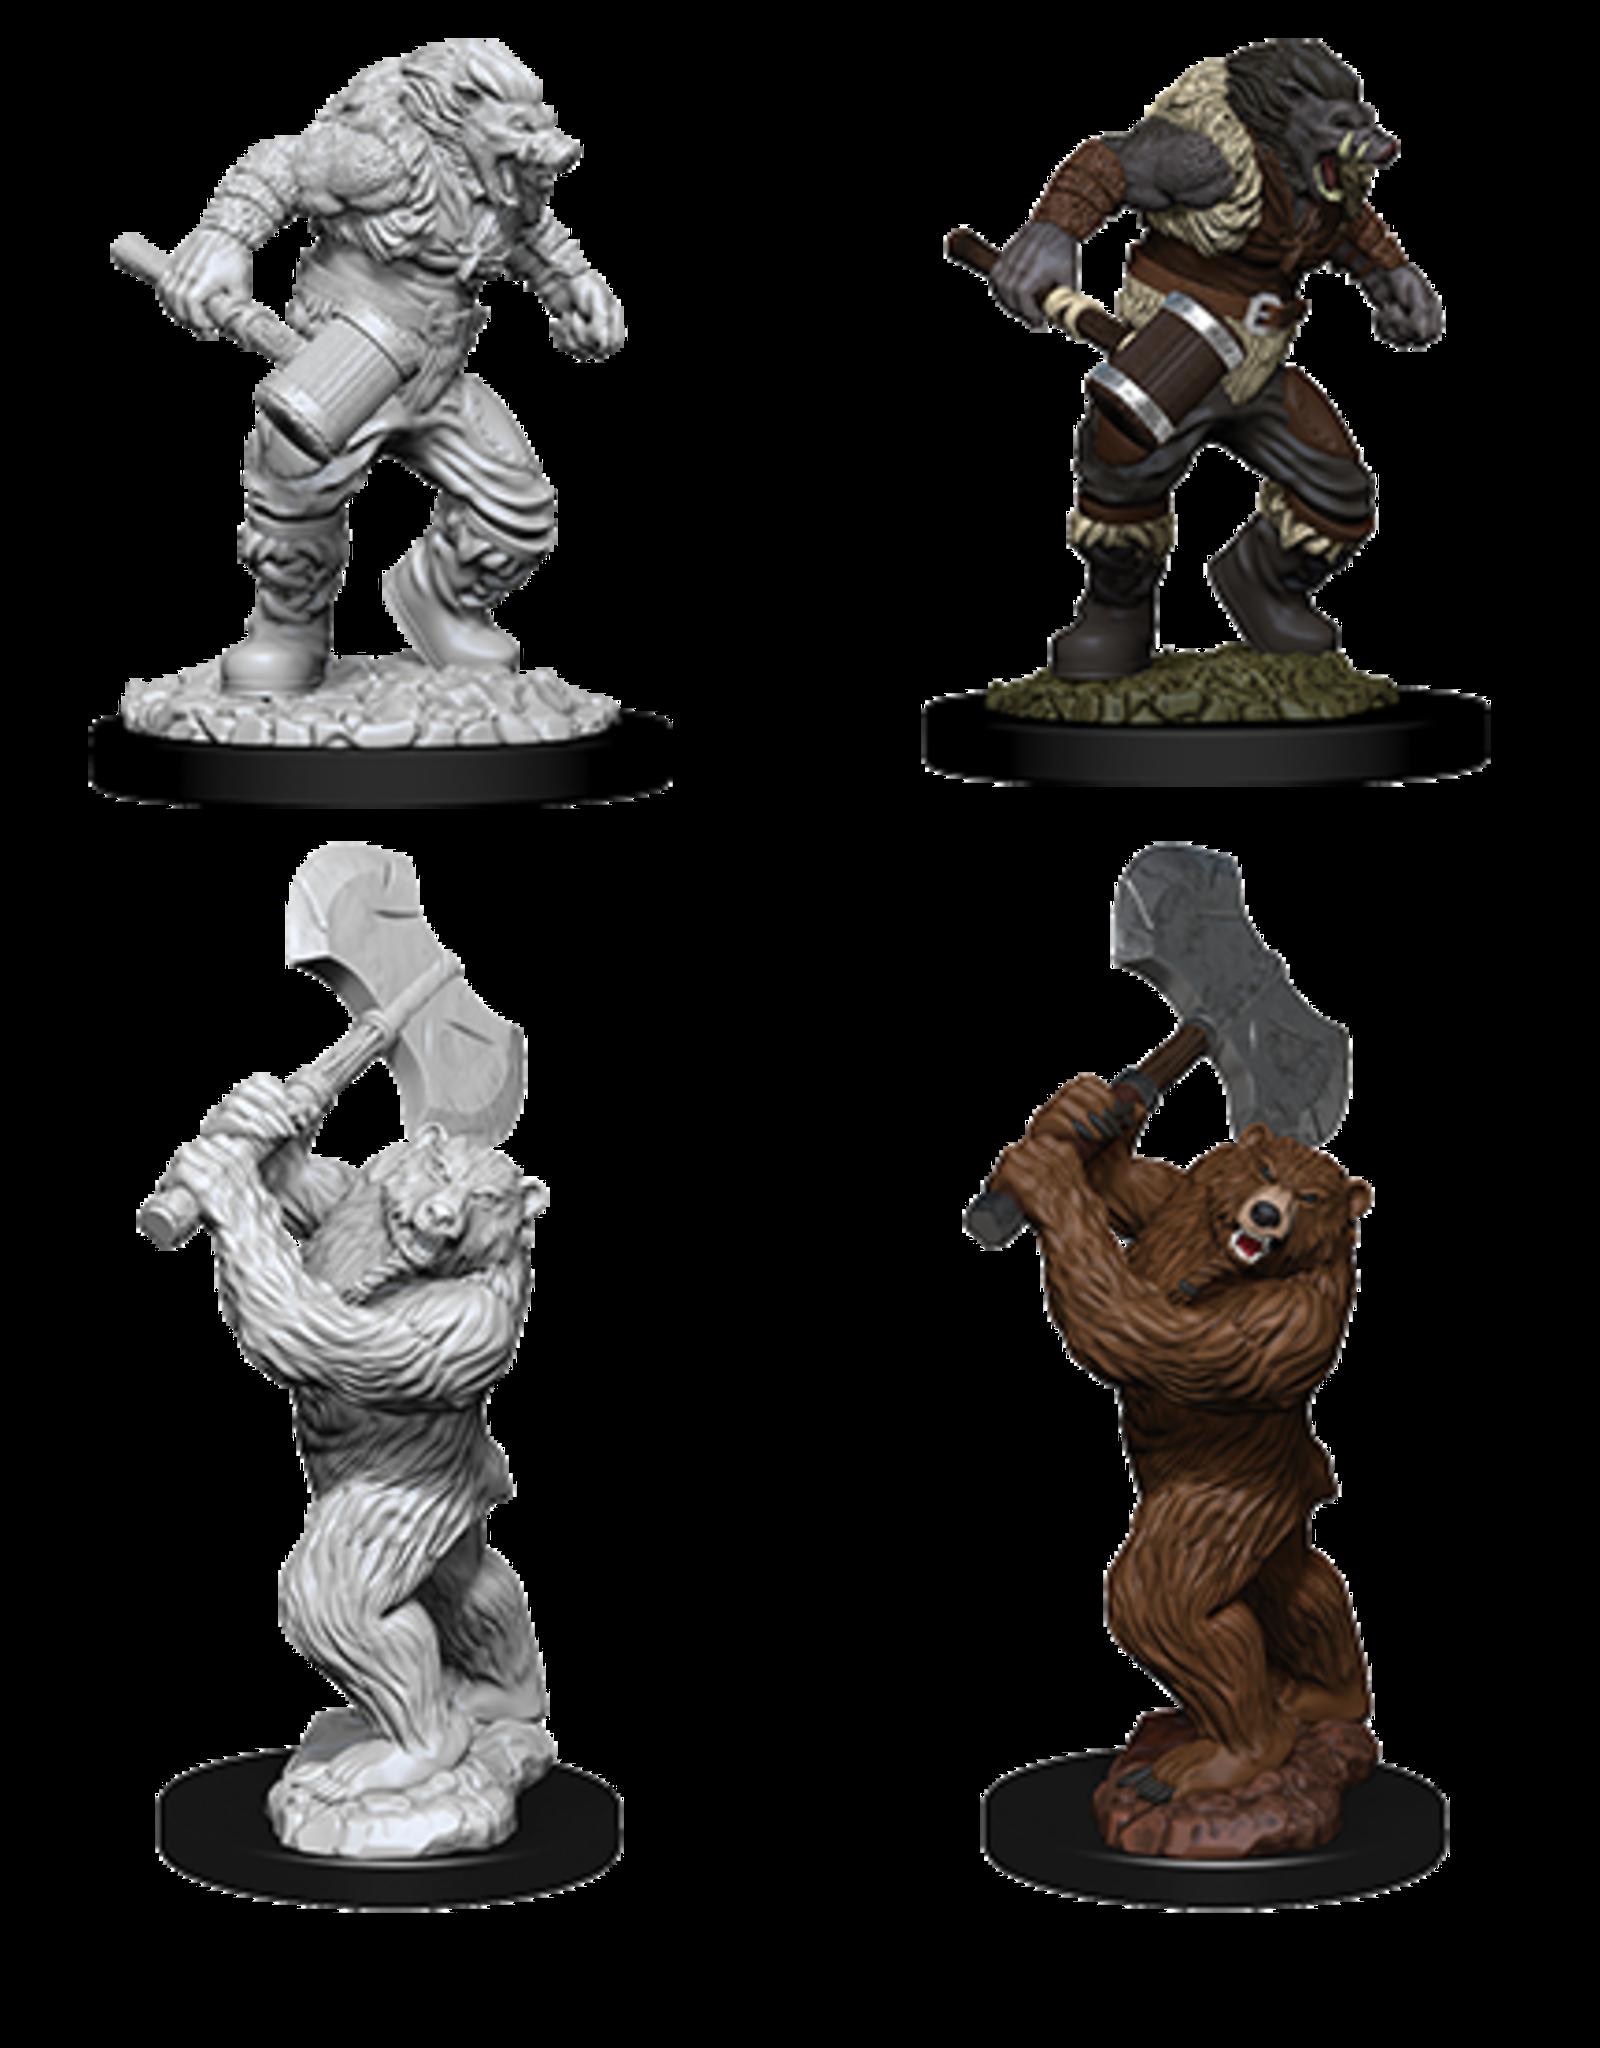 WizKids D&D Nolzur's Marvelous Miniatures: Wereboar & Werebear